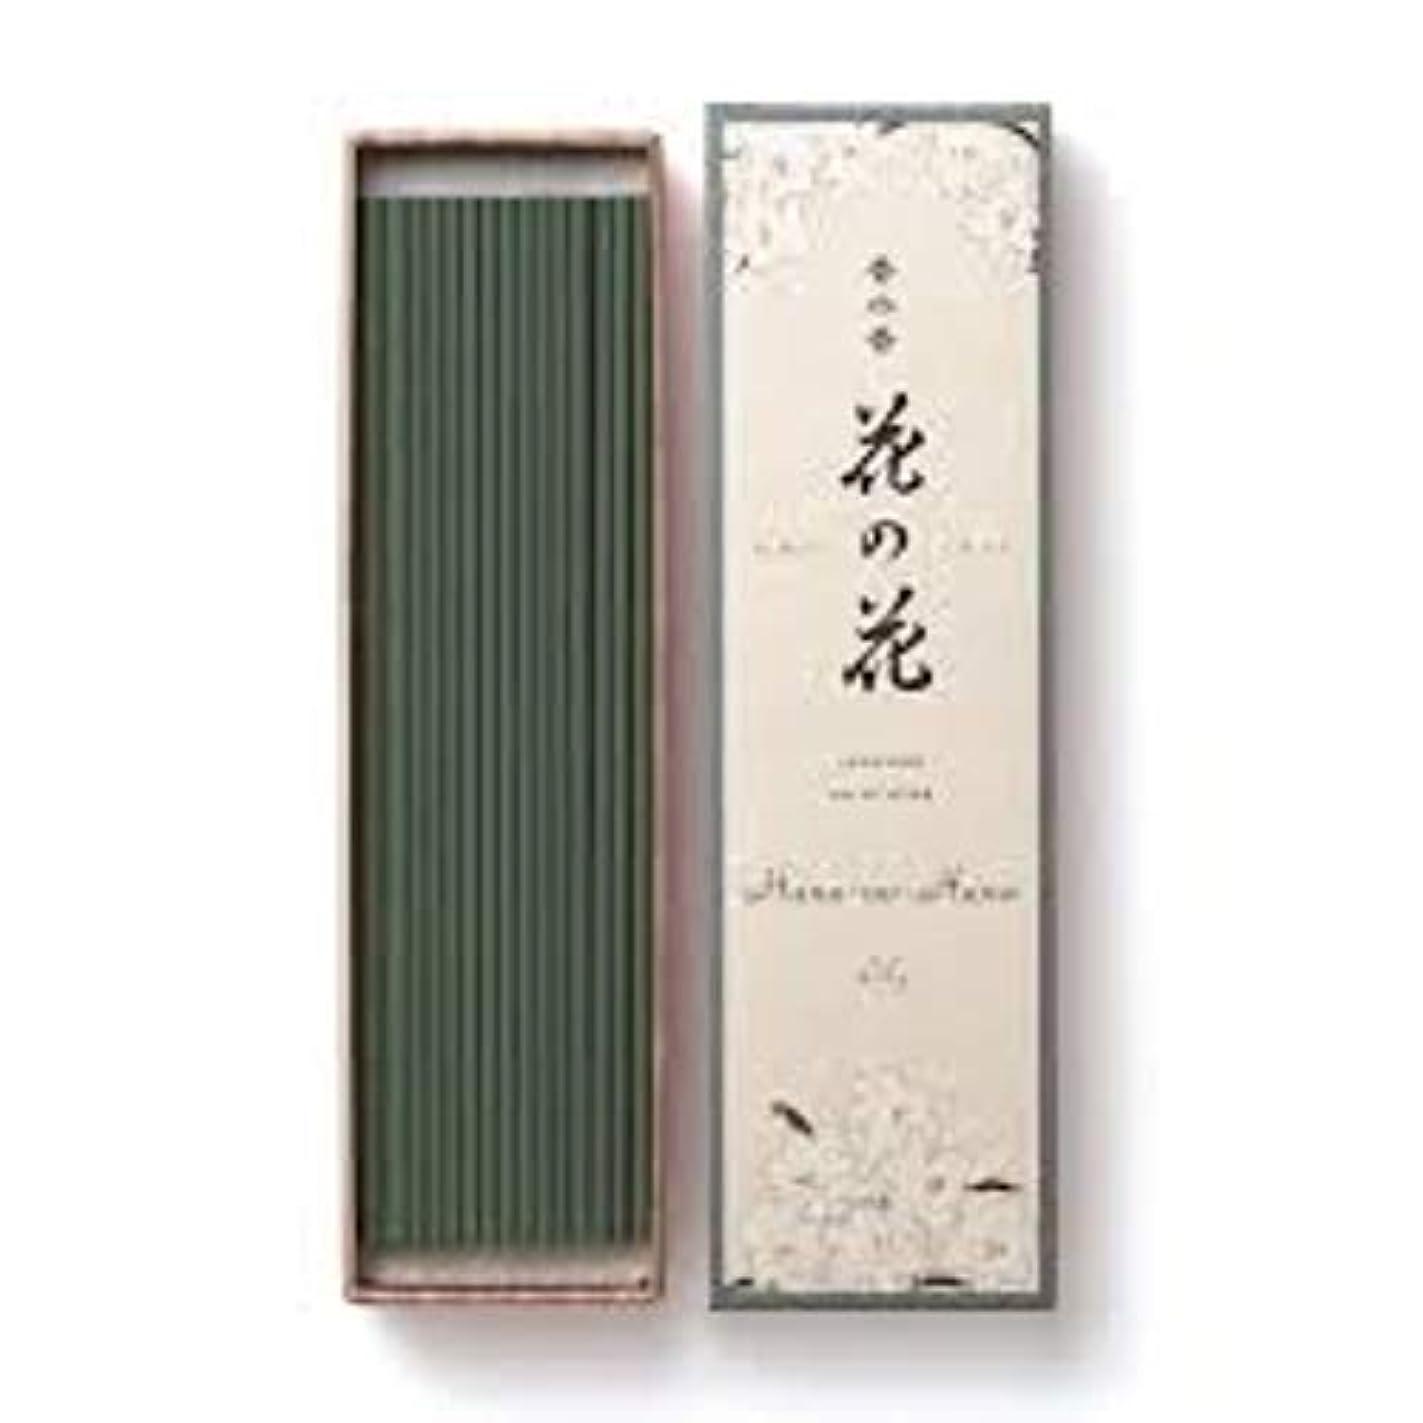 印象的クラッシュバスタブお香 香水香花の花 ゆり 長寸40本入(30006)